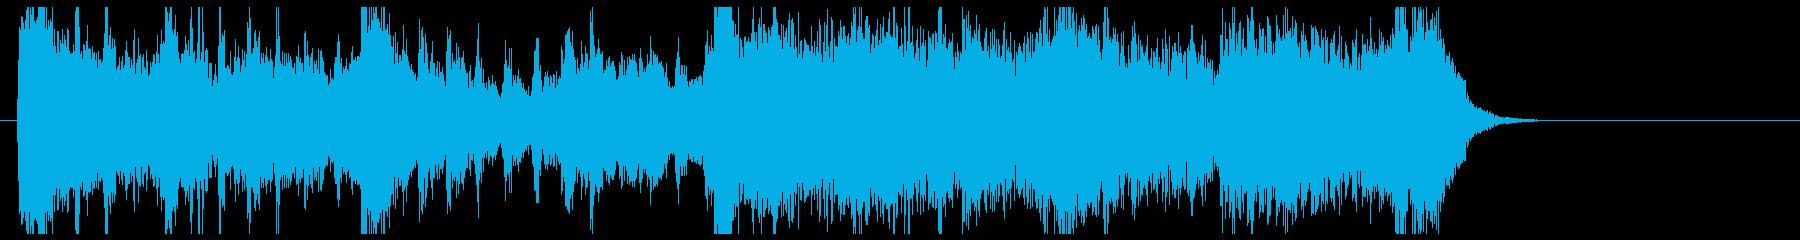 緩やかで悠長なサスペンス風ジングルの再生済みの波形